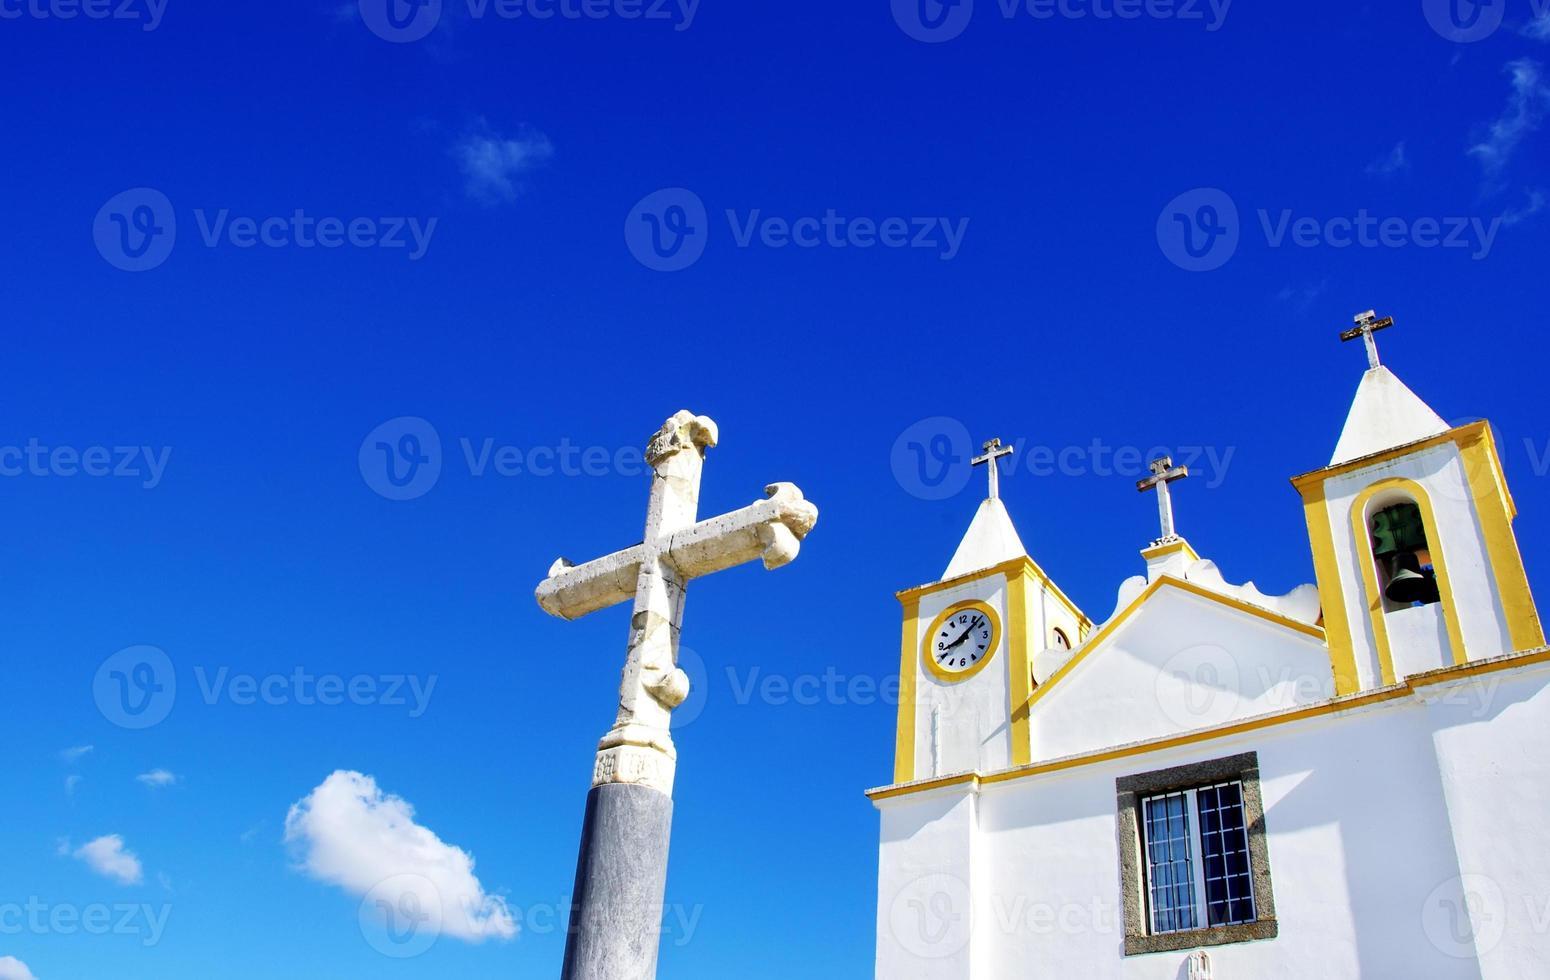 chiesa portoghese nella regione dell'Alentejo foto